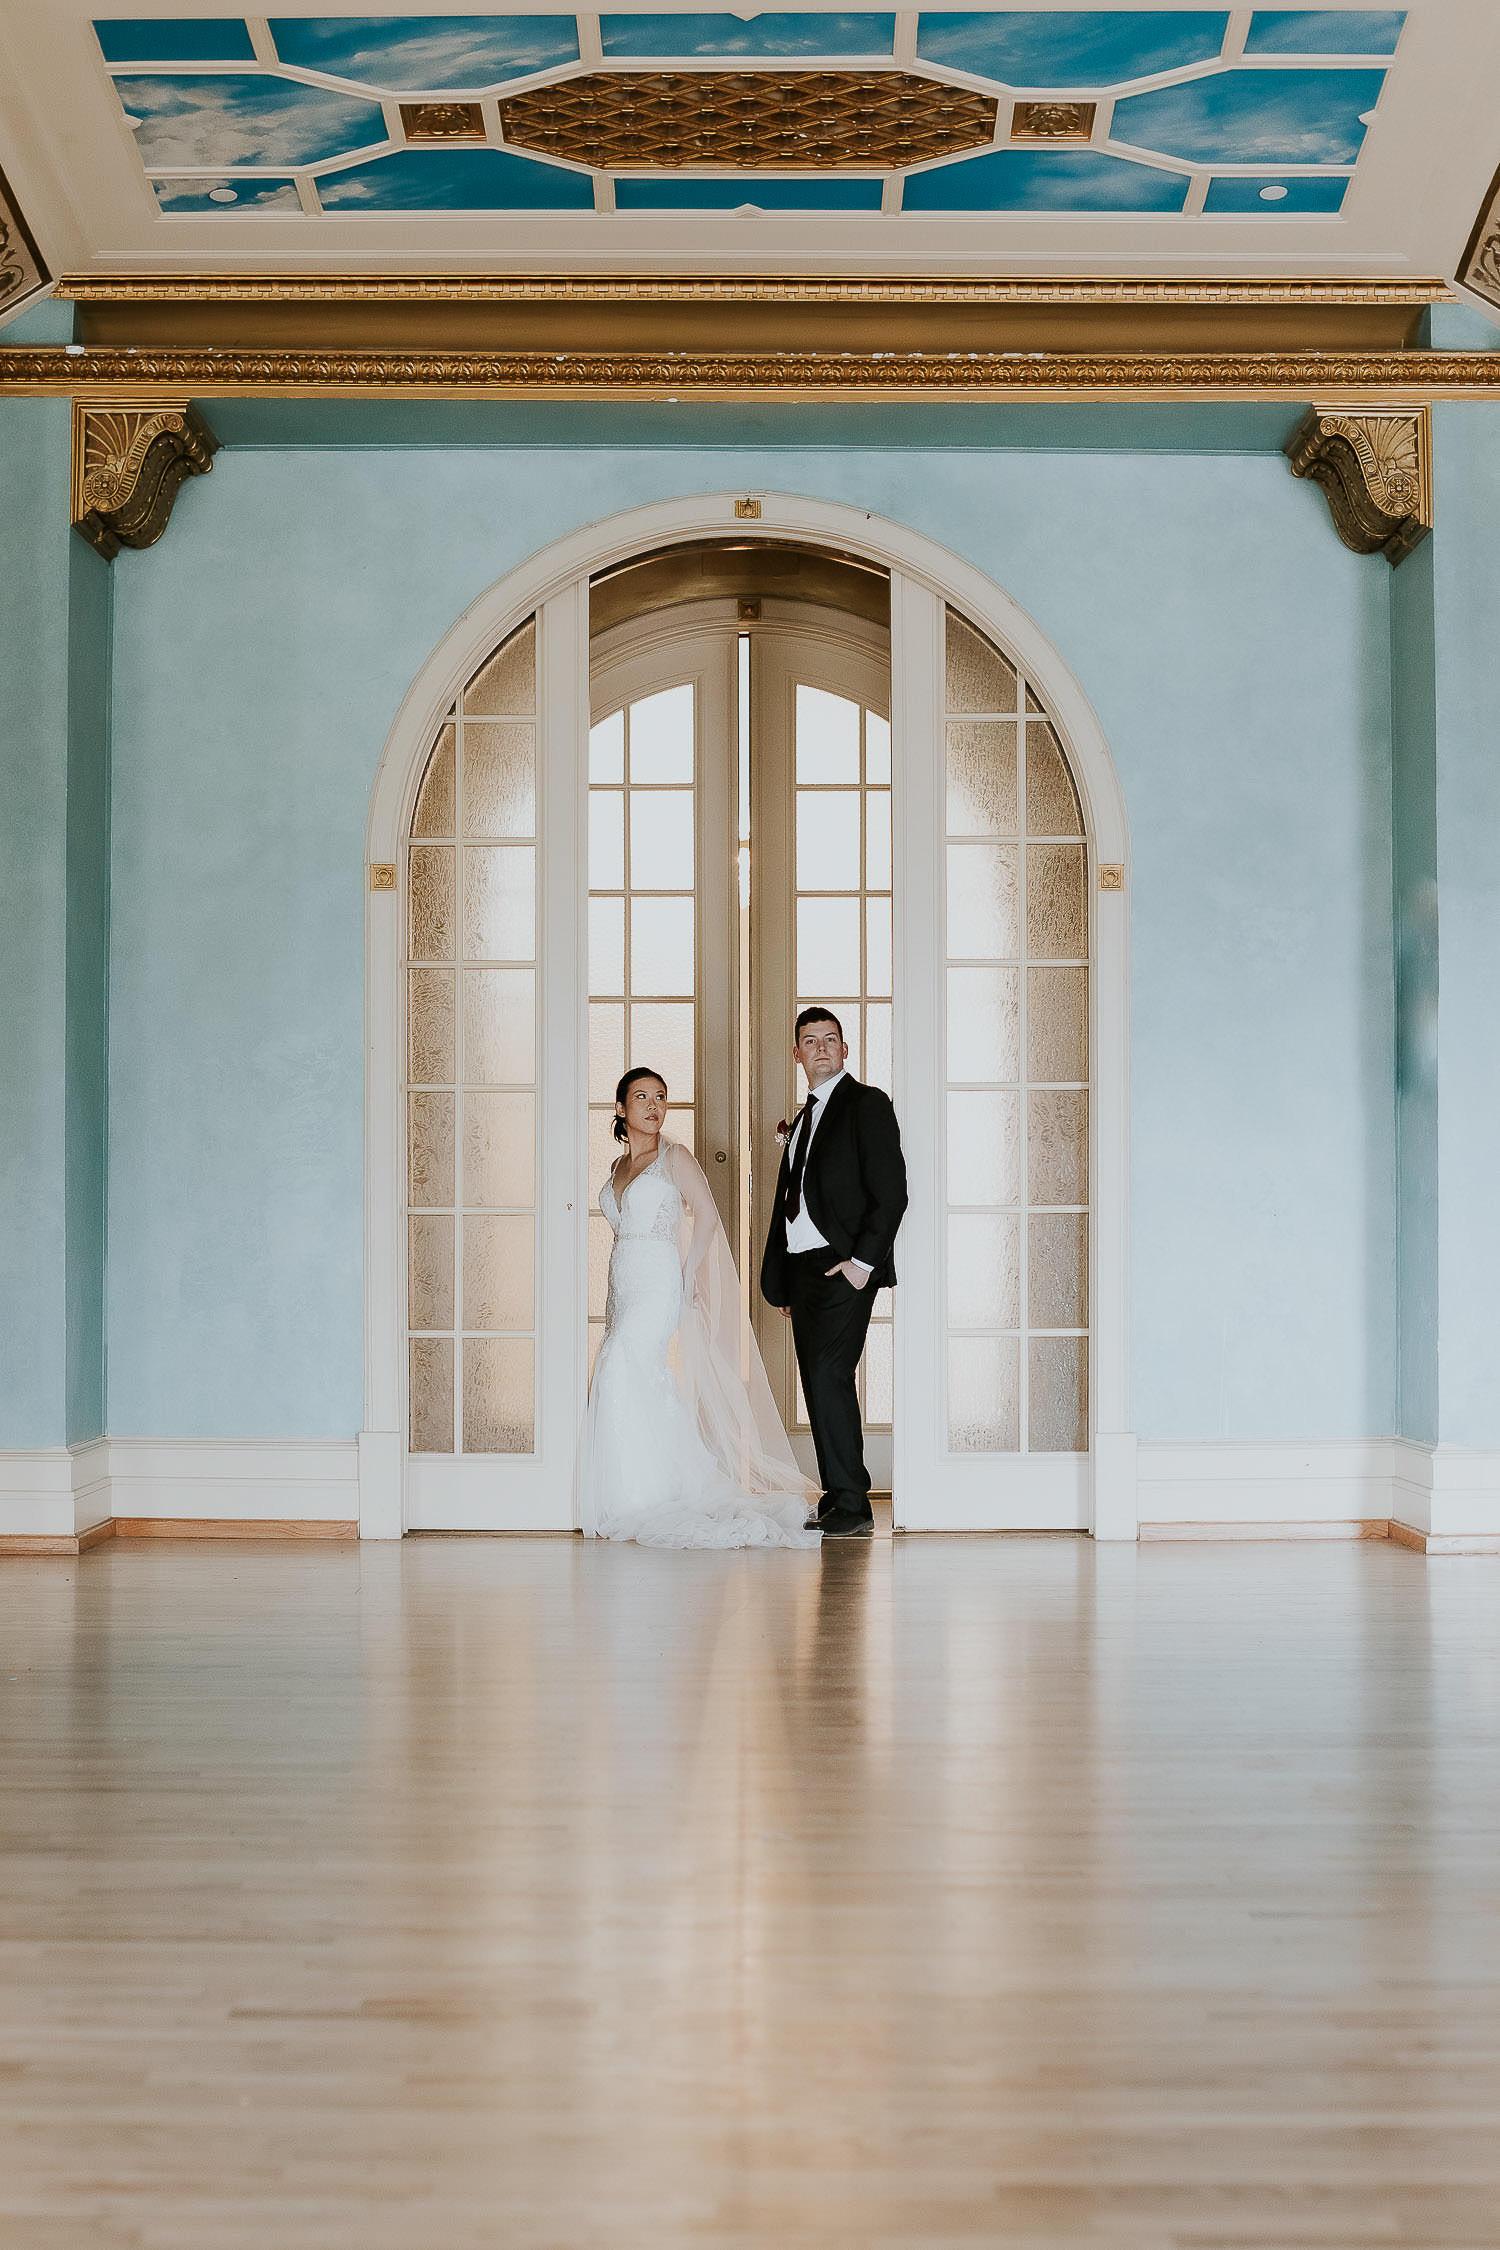 intimate-wedding-at-banff-springs-hotel-sarah-pukin-0206